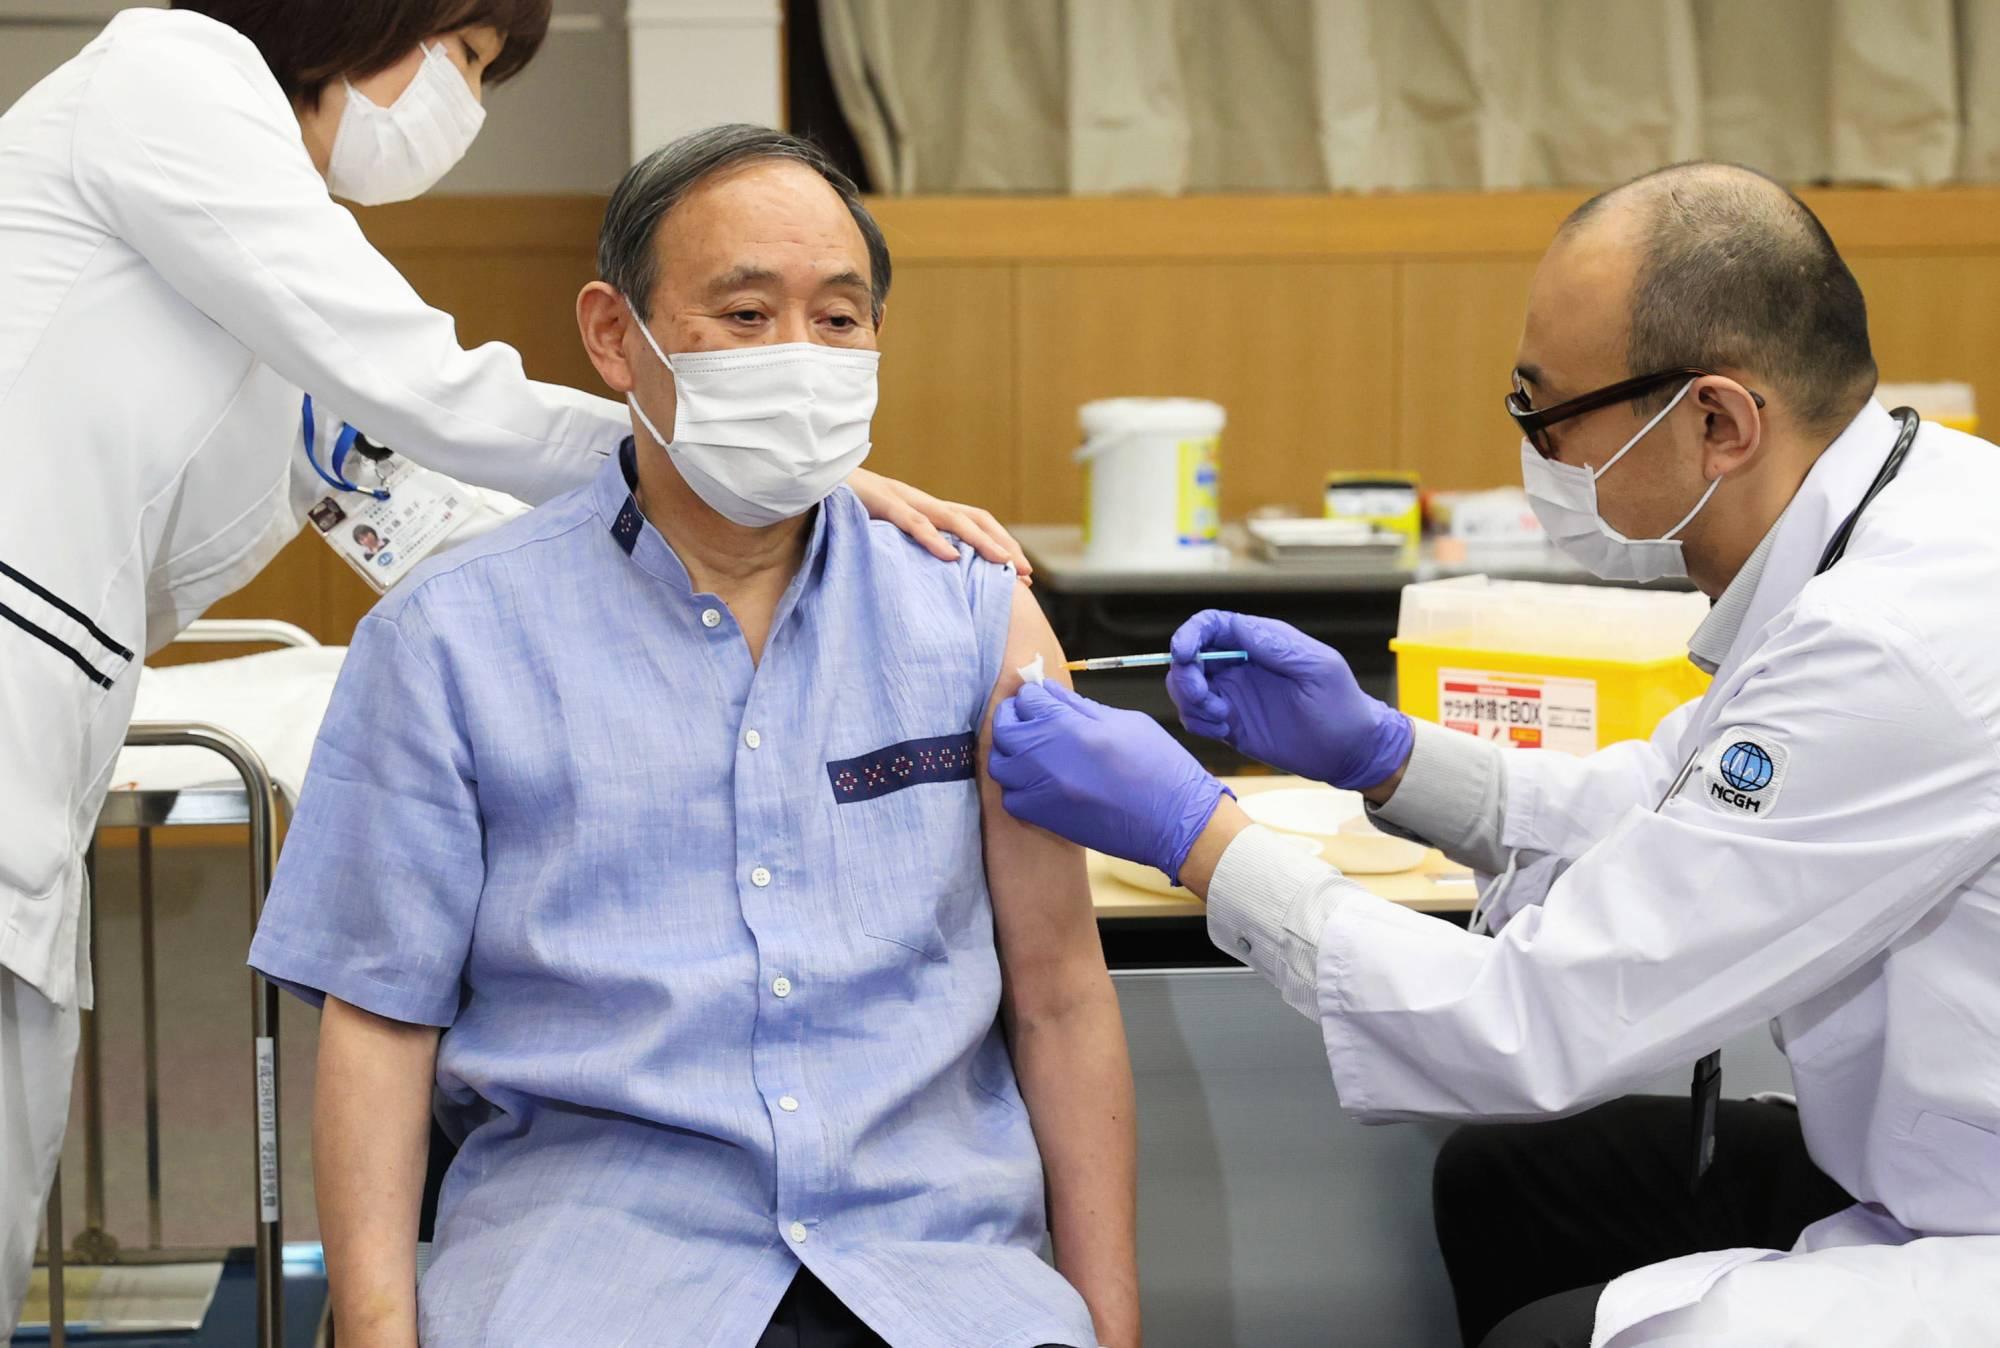 जापानी प्रधानमन्त्री सुगाले कोरोनाको खोप दोस्रो पटक लगाए